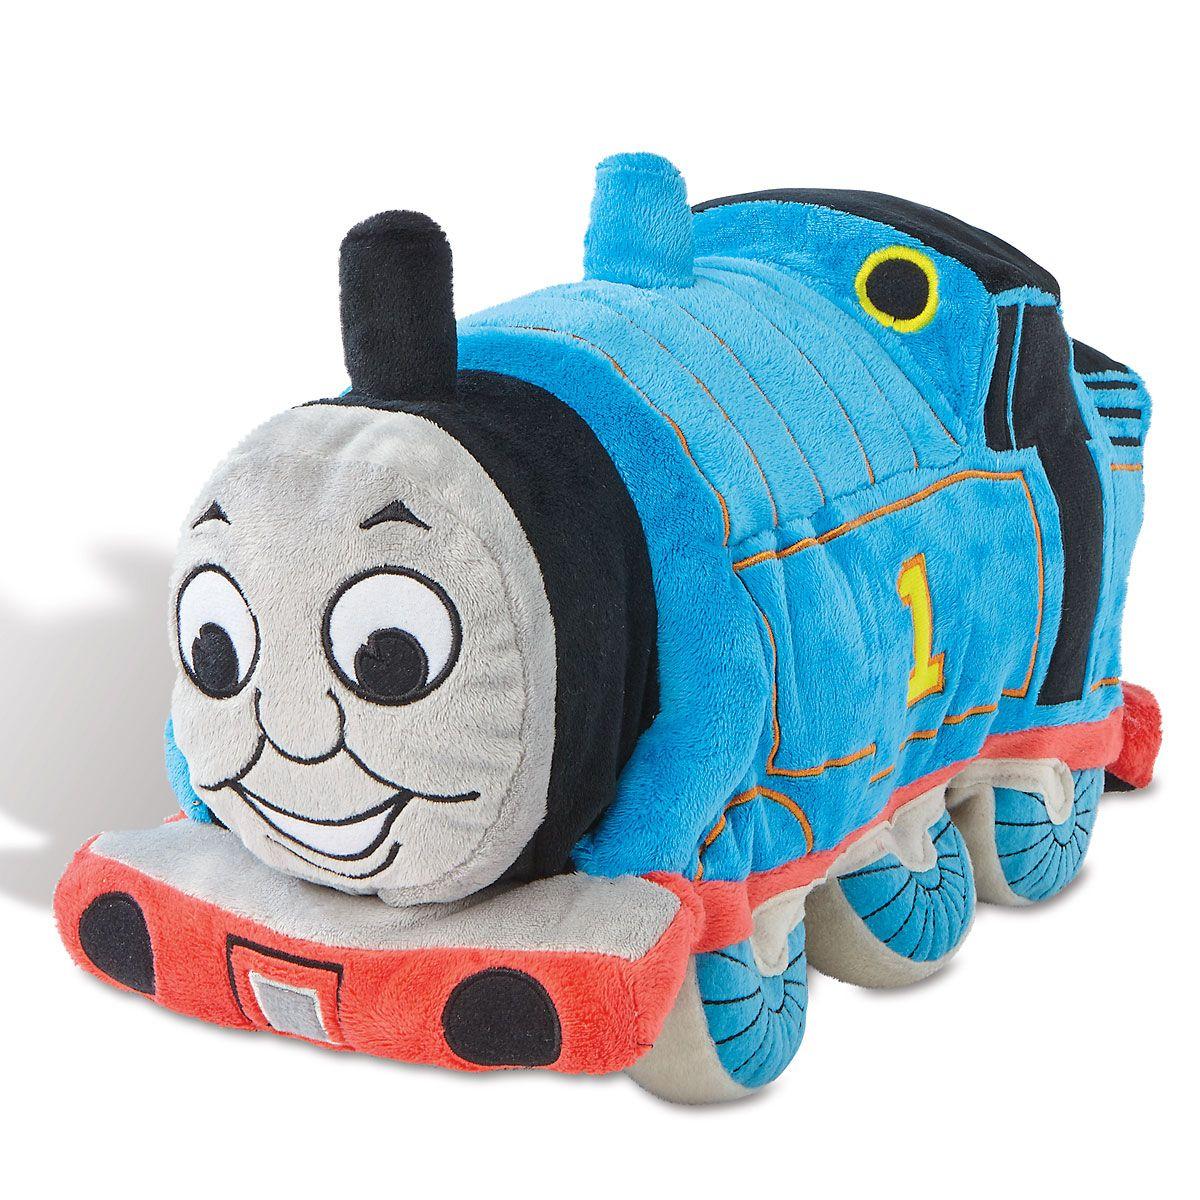 Thomas the Train Cuddle Pillow